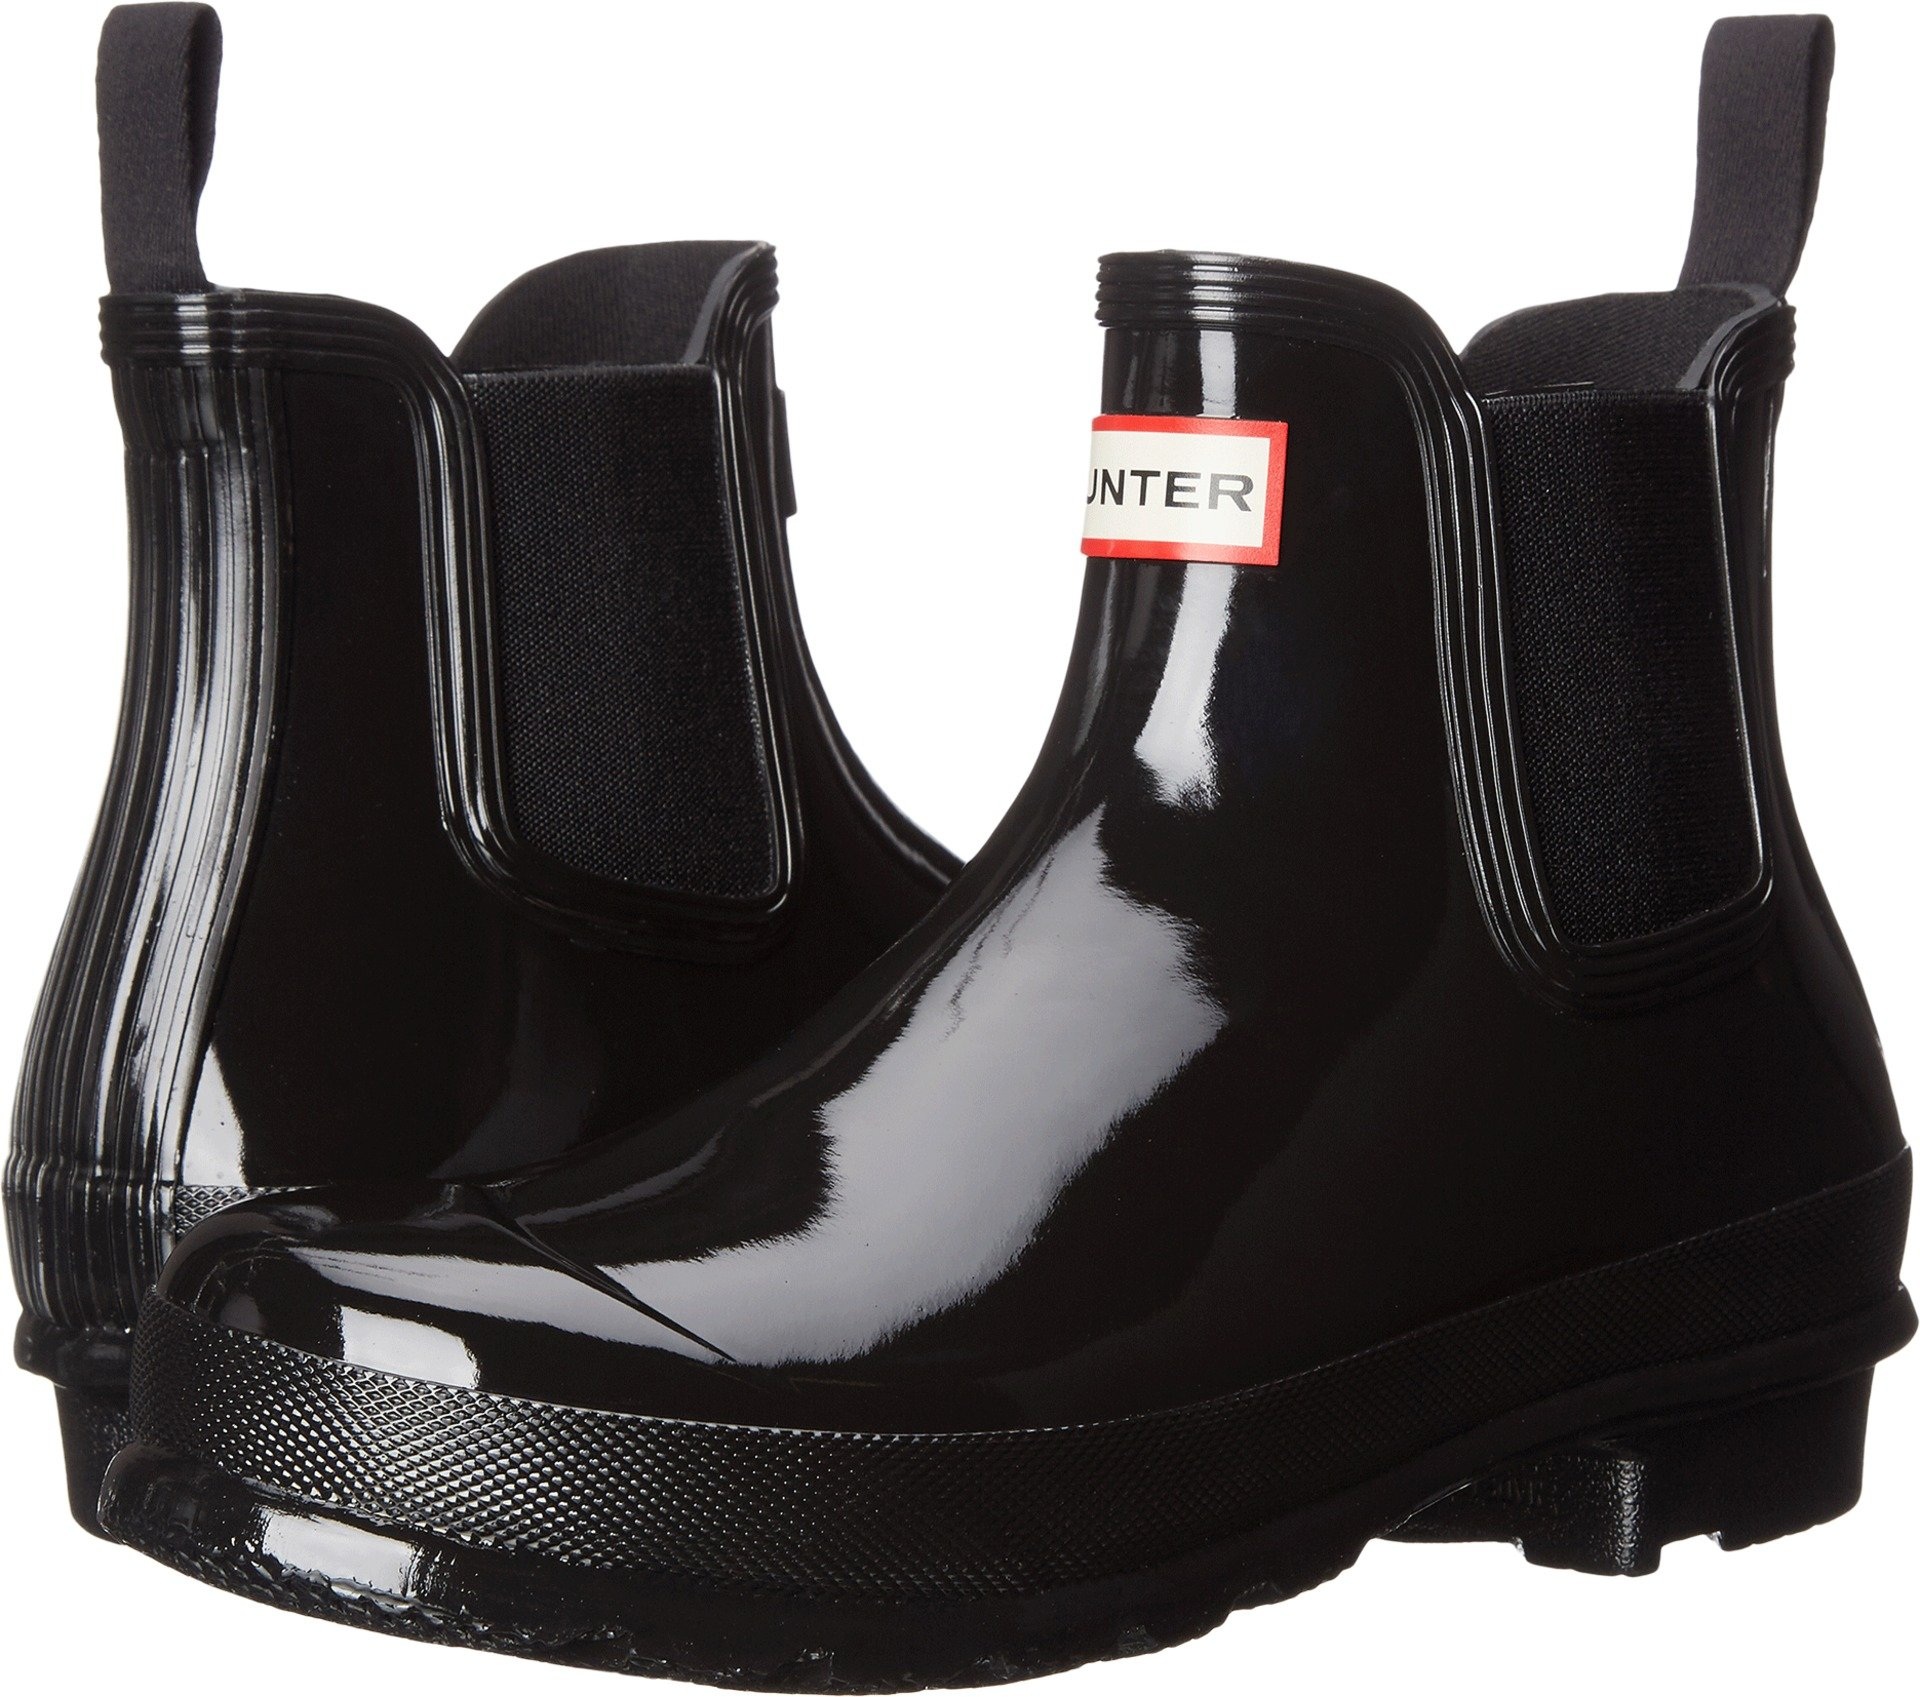 Hunter Women's Original Chelsea Rgl Black Ankle-High Rubber Rain Boot - 8M